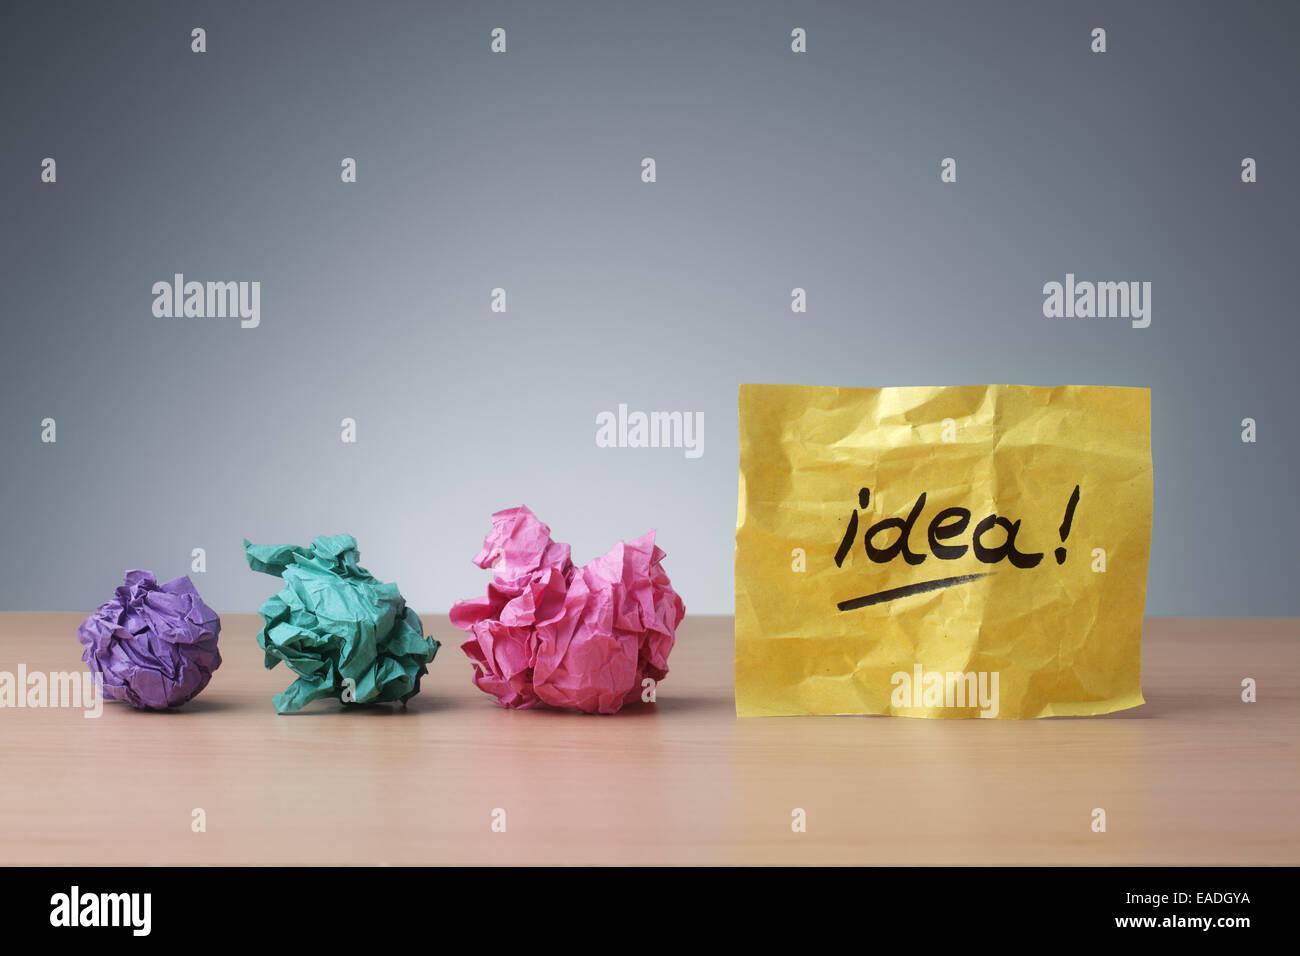 Evolución de la idea Imagen De Stock